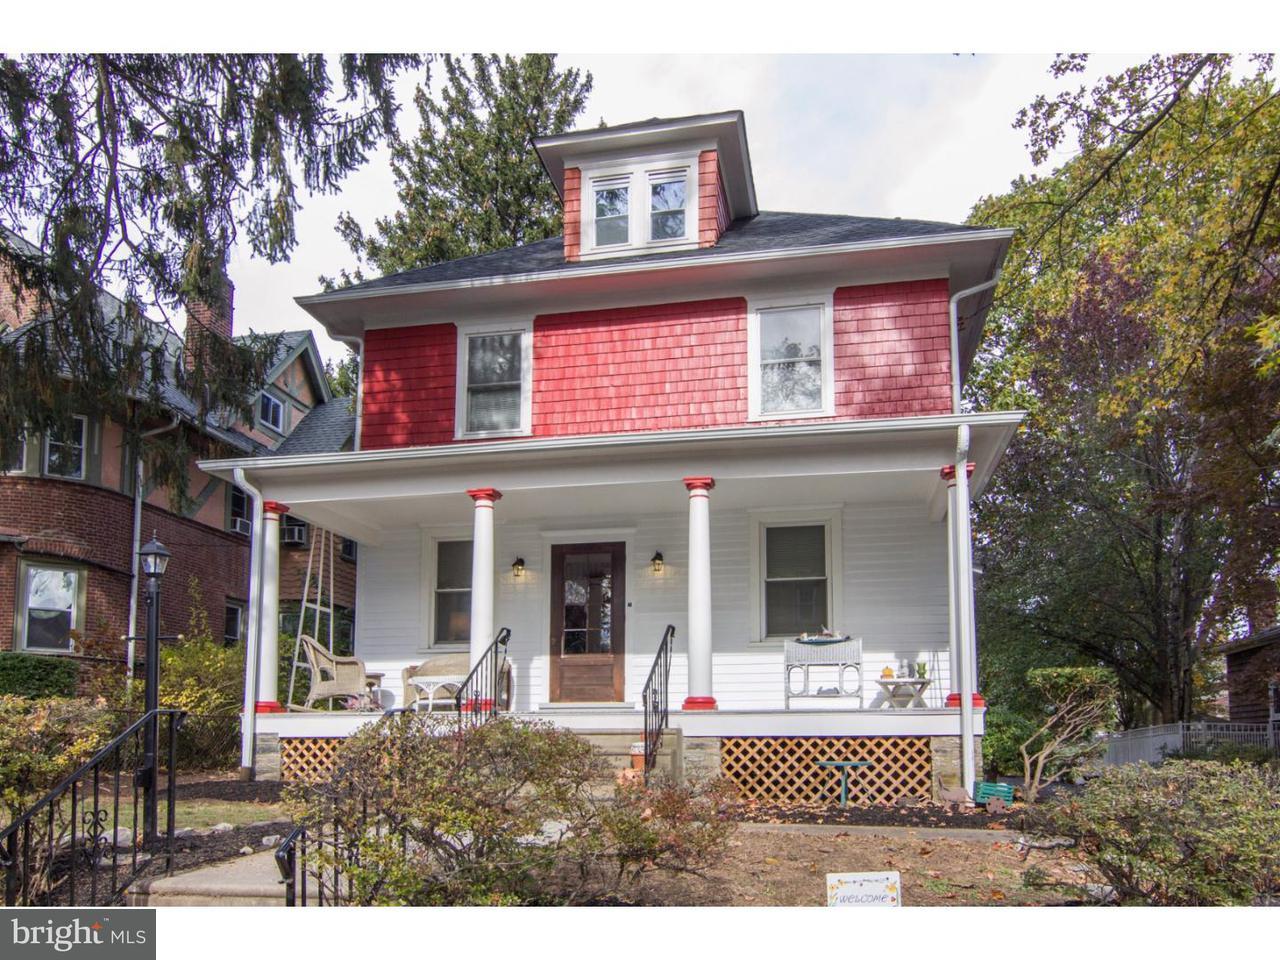 Частный односемейный дом для того Продажа на 2245 MENLO Avenue Glenside, Пенсильвания 19038 Соединенные Штаты